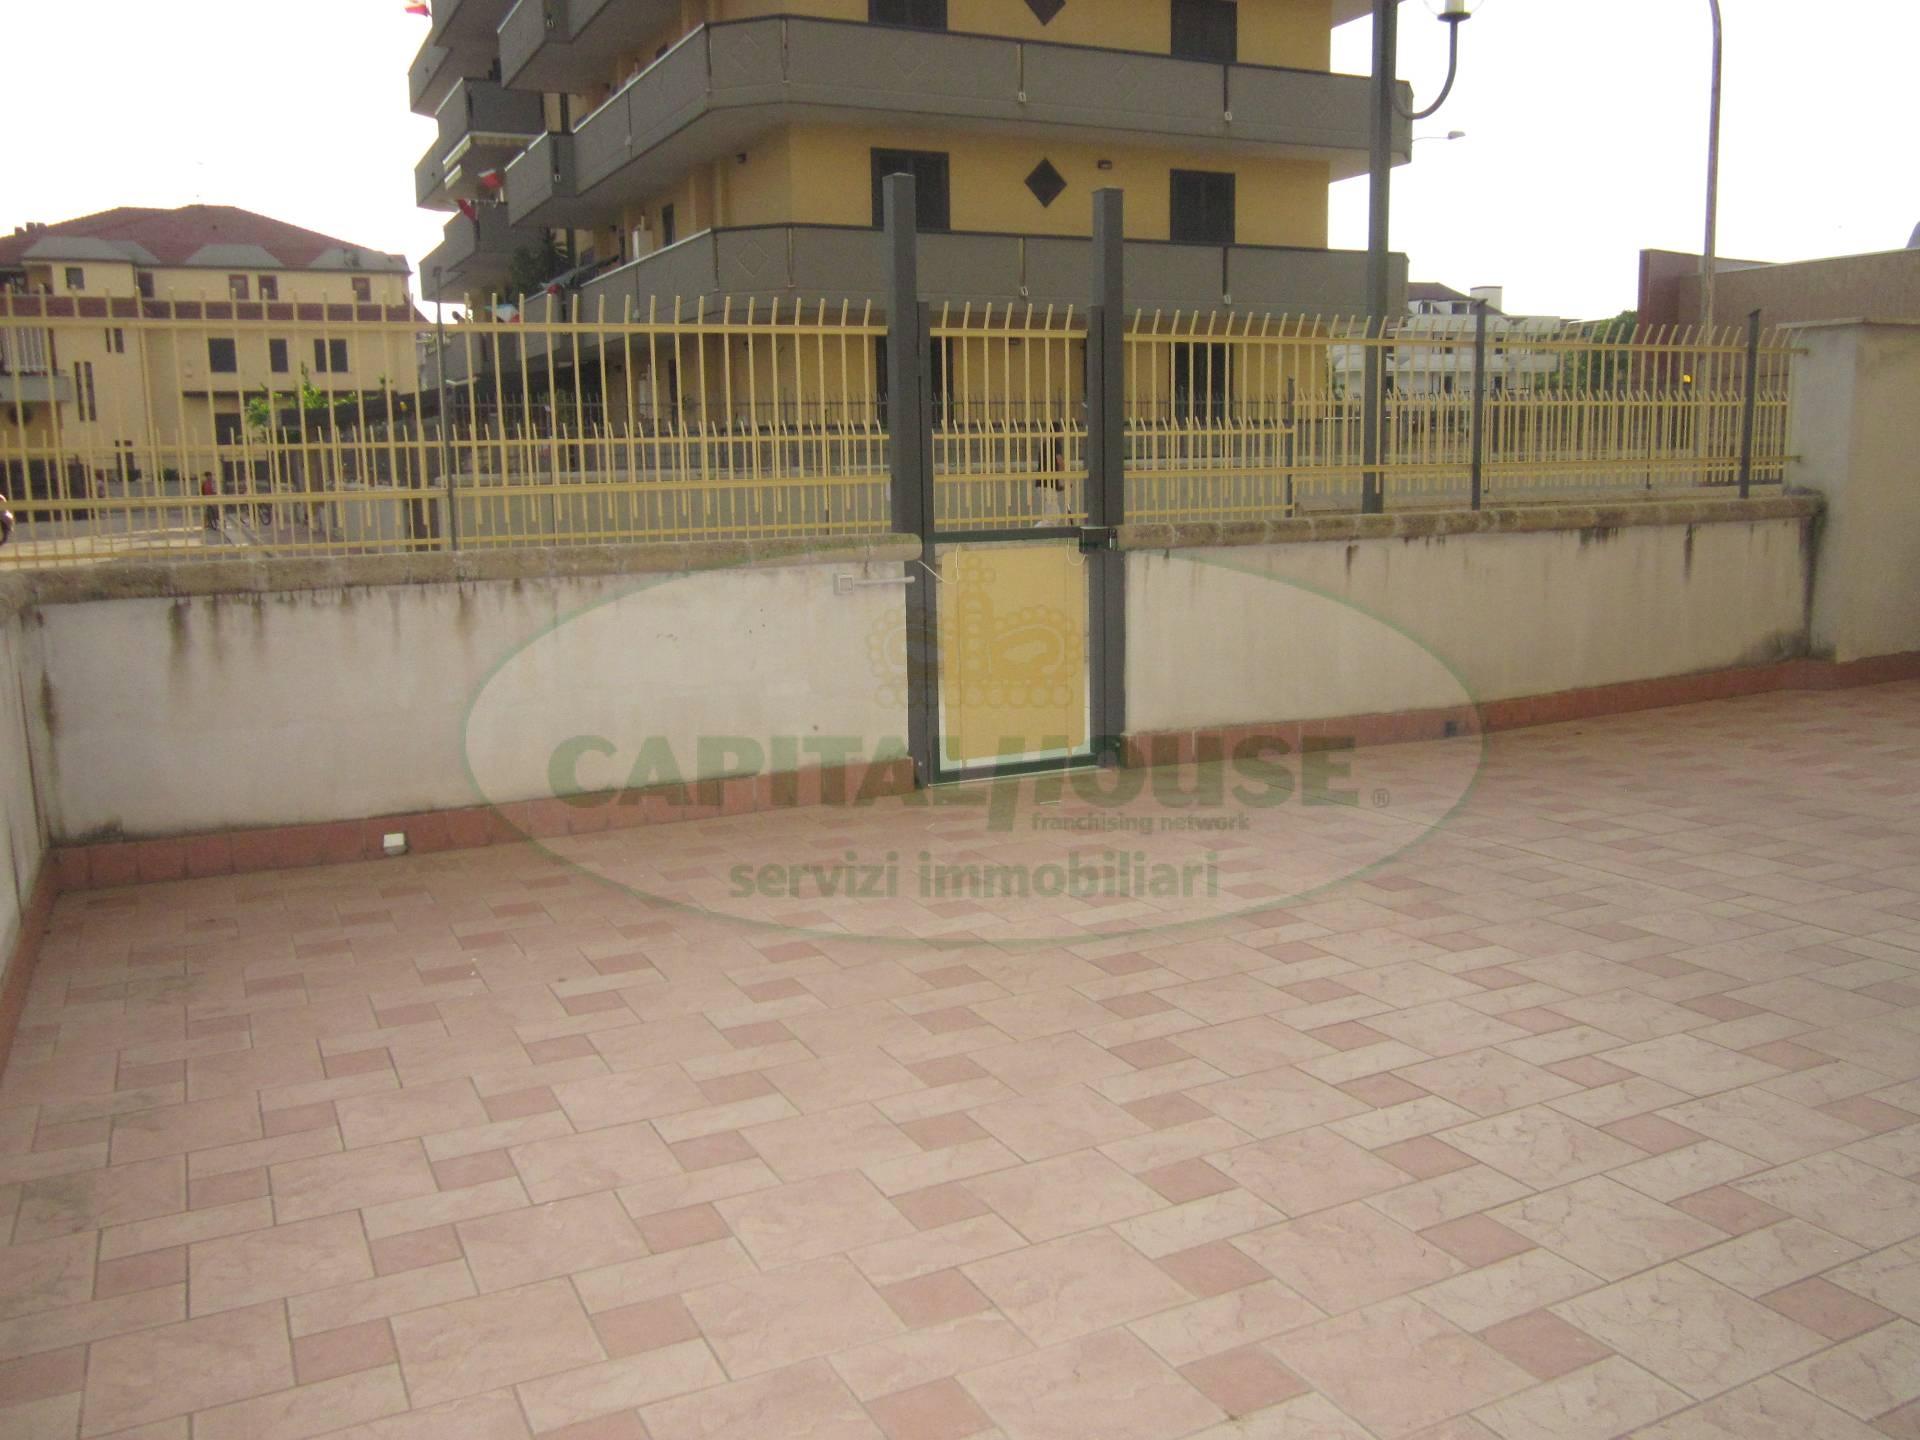 Appartamento in affitto a San Nicola la Strada, 3 locali, zona Località: ExS.Gobain, prezzo € 470 | CambioCasa.it